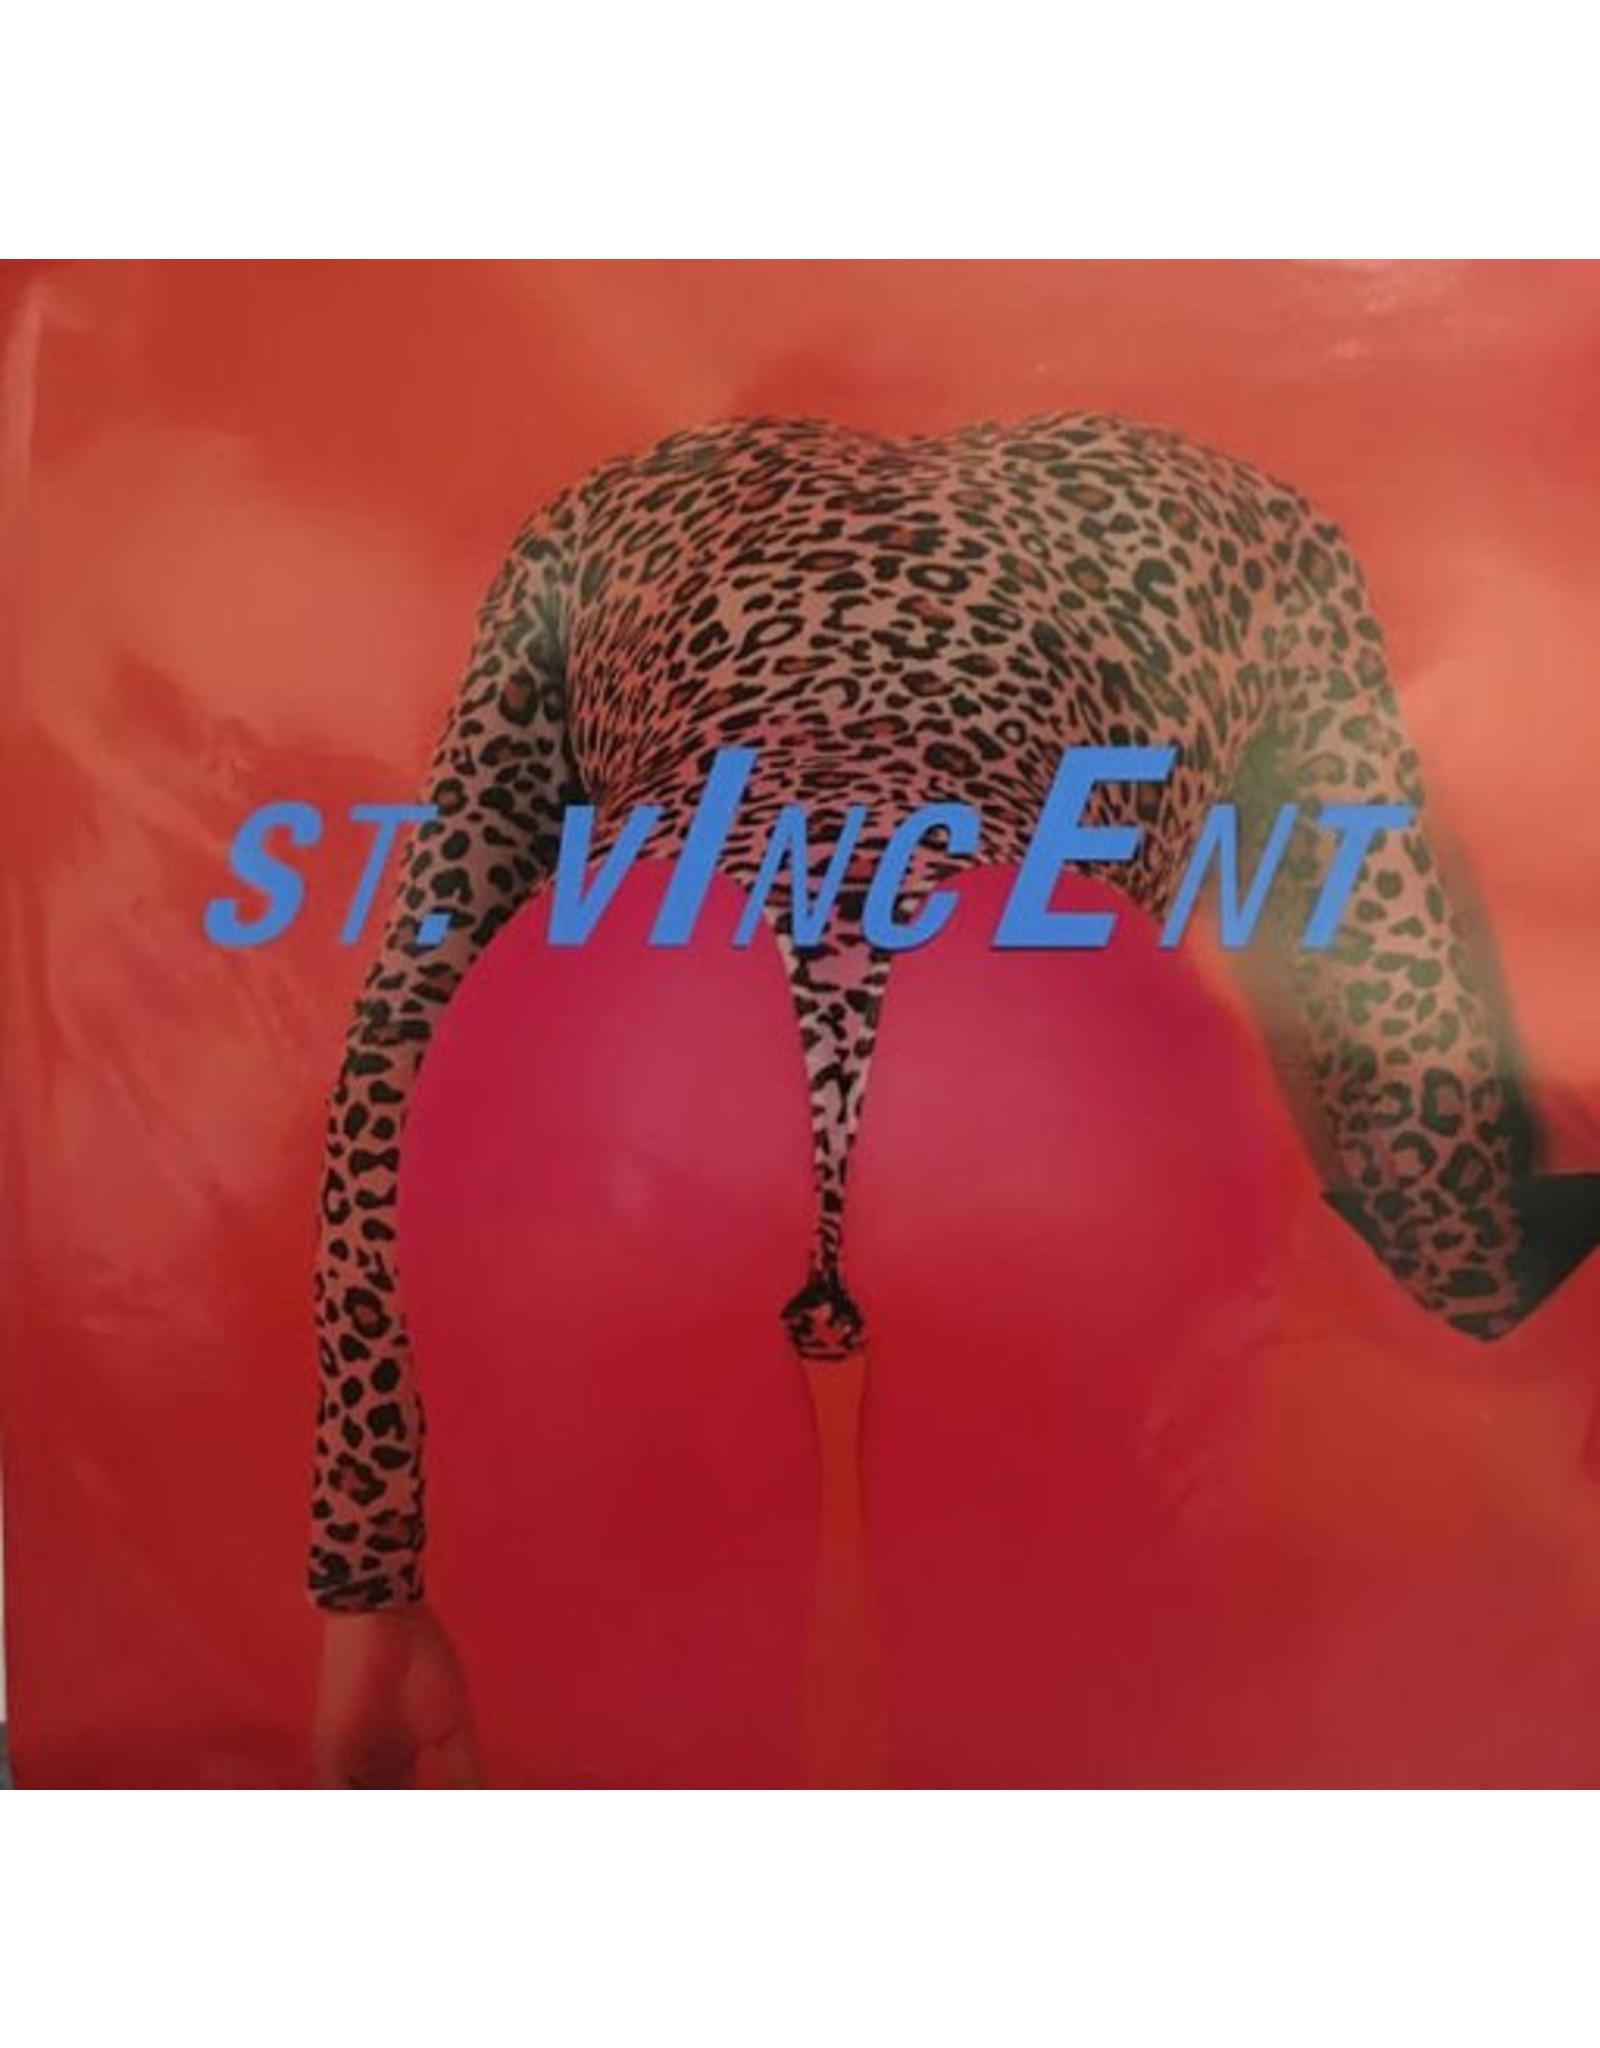 St. Vincent - Masseducation (Pink Vinyl) LP